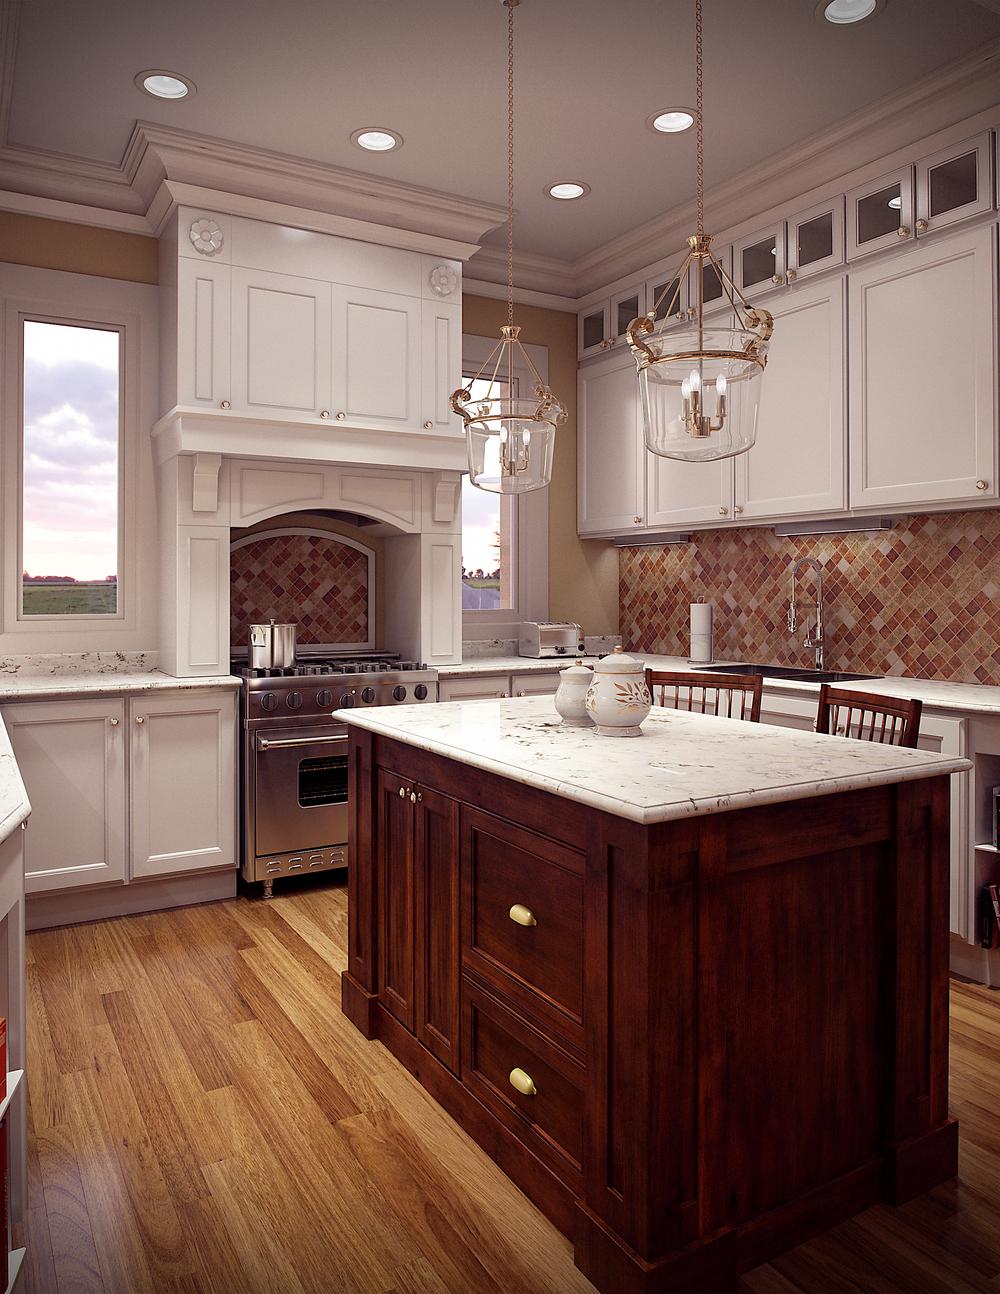 chestnut-kitchen-island.jpg